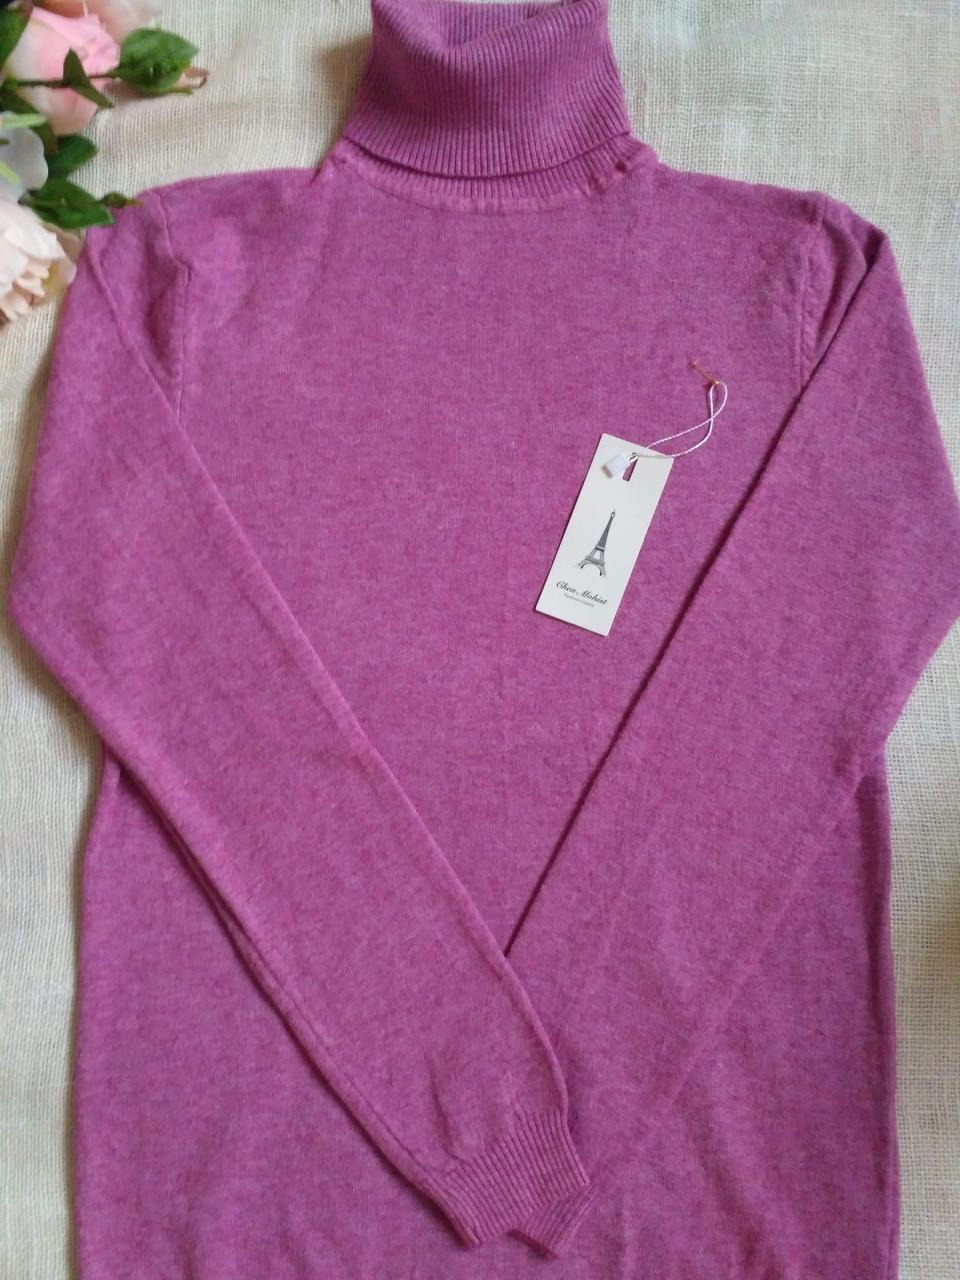 Сиреневый гольф женский зимний розовый водолазка женская розовая размер до 48го универсальный